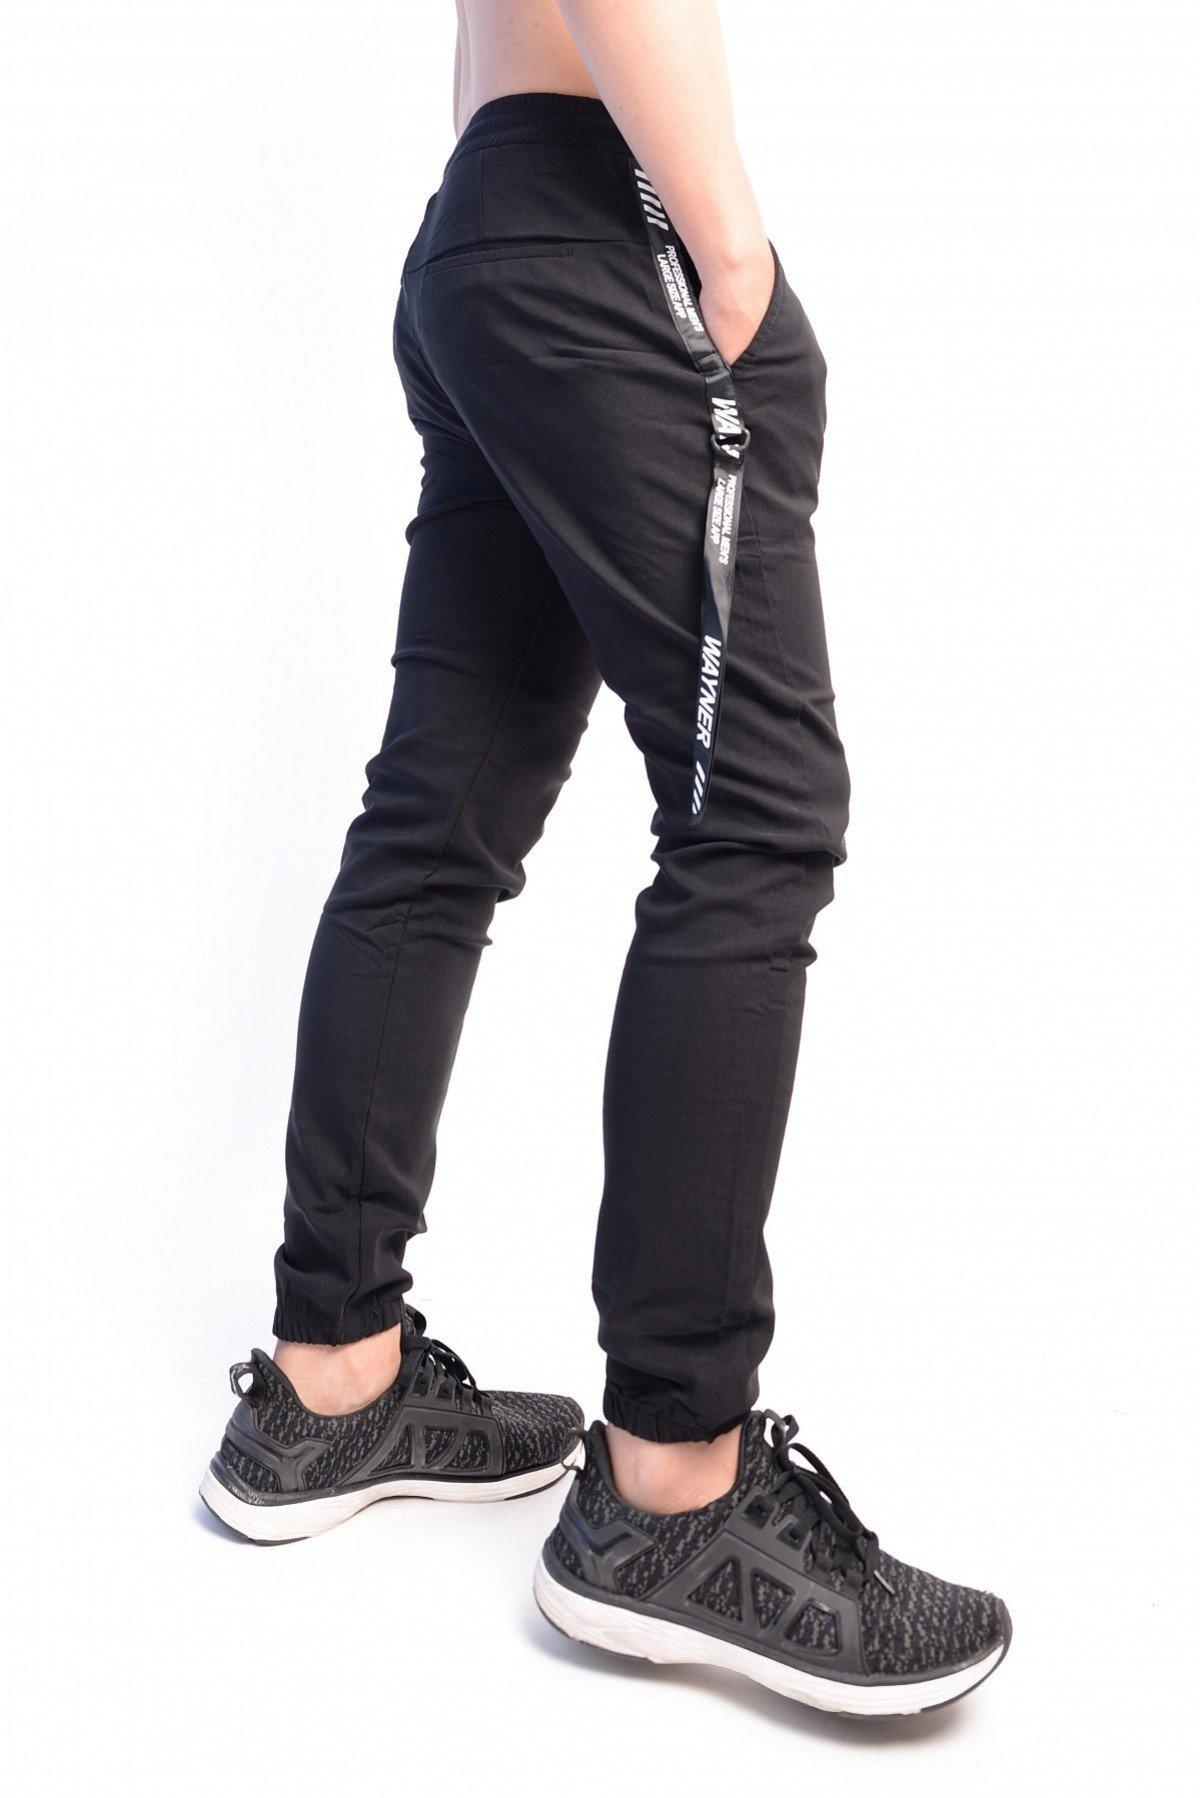 quần jogger kaki đen thun 2 dây đeo